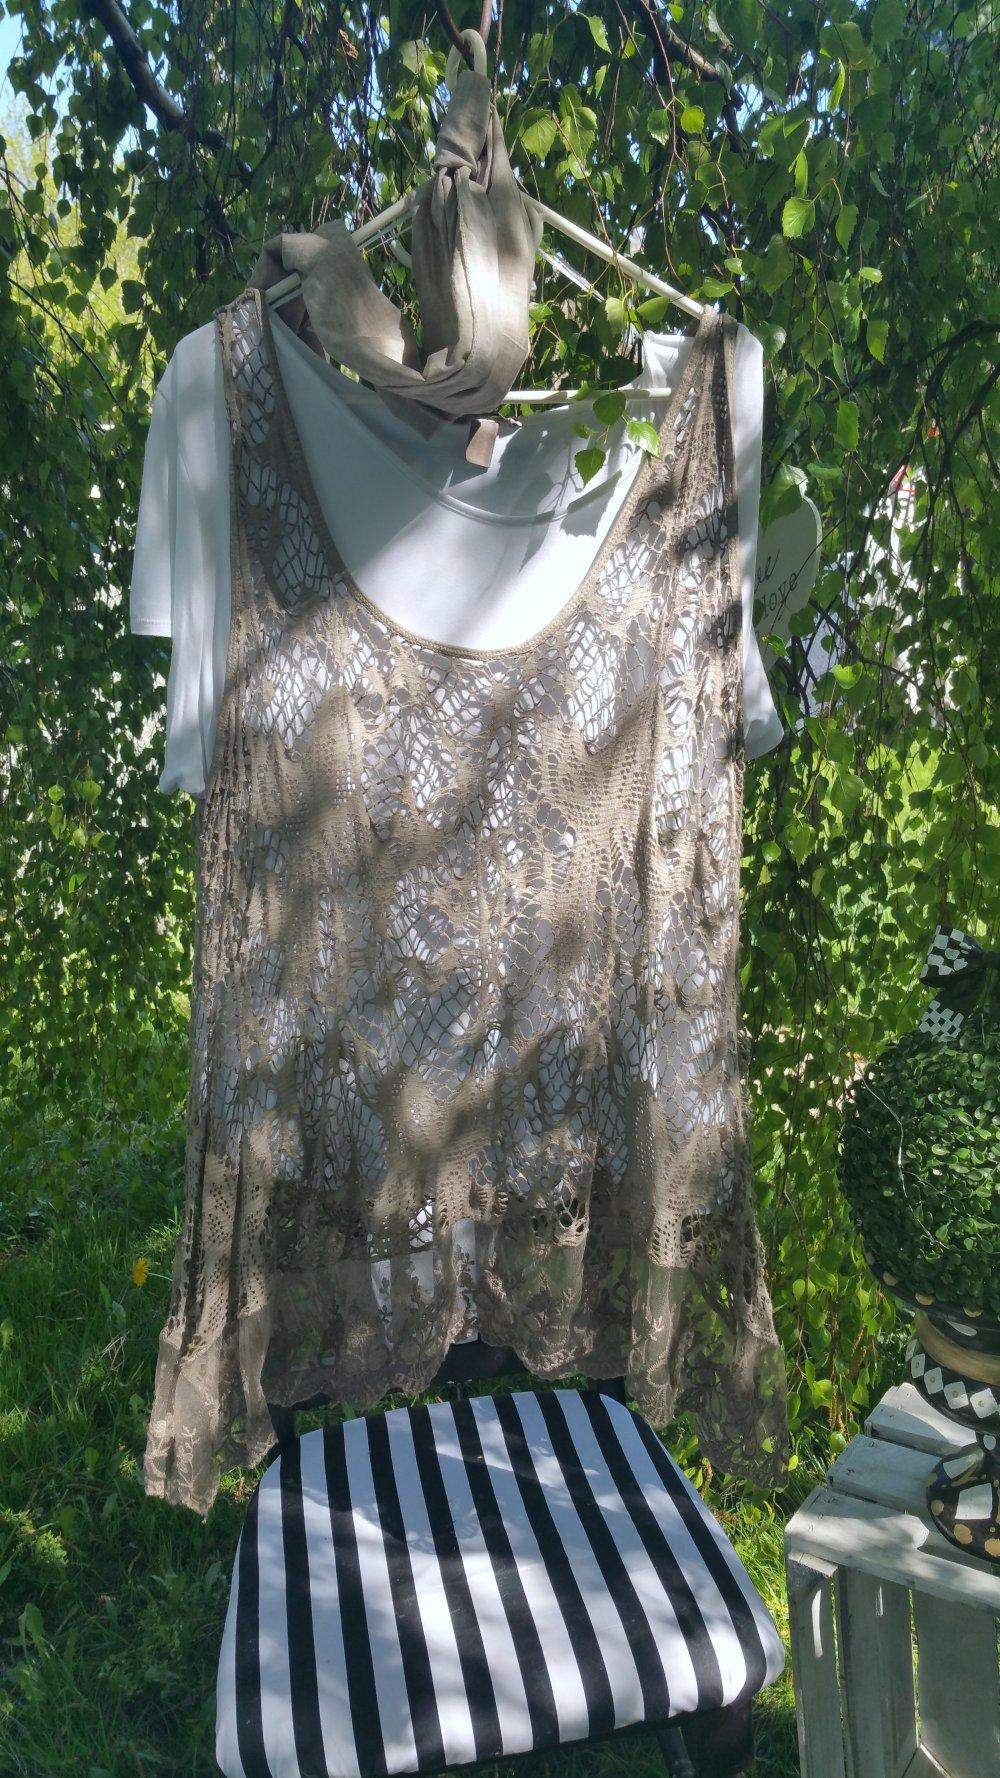 44 46 48 XL XXL NEU Longtop offwithe Top Spitze Shirt lockere Passform Gr 1f